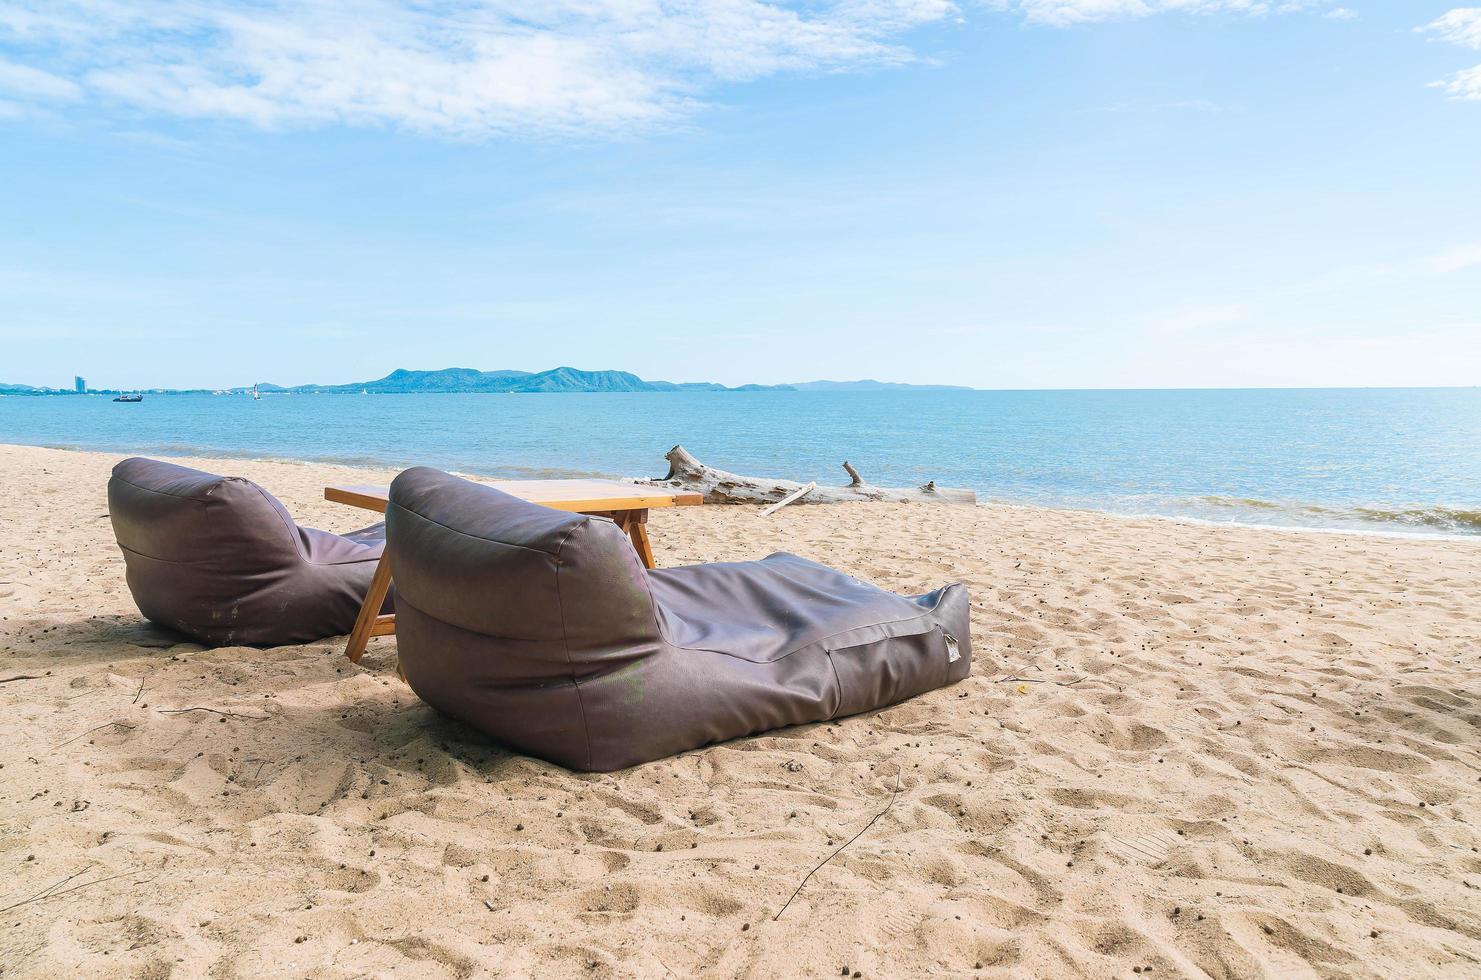 dos bolsitas de frijoles en una playa foto